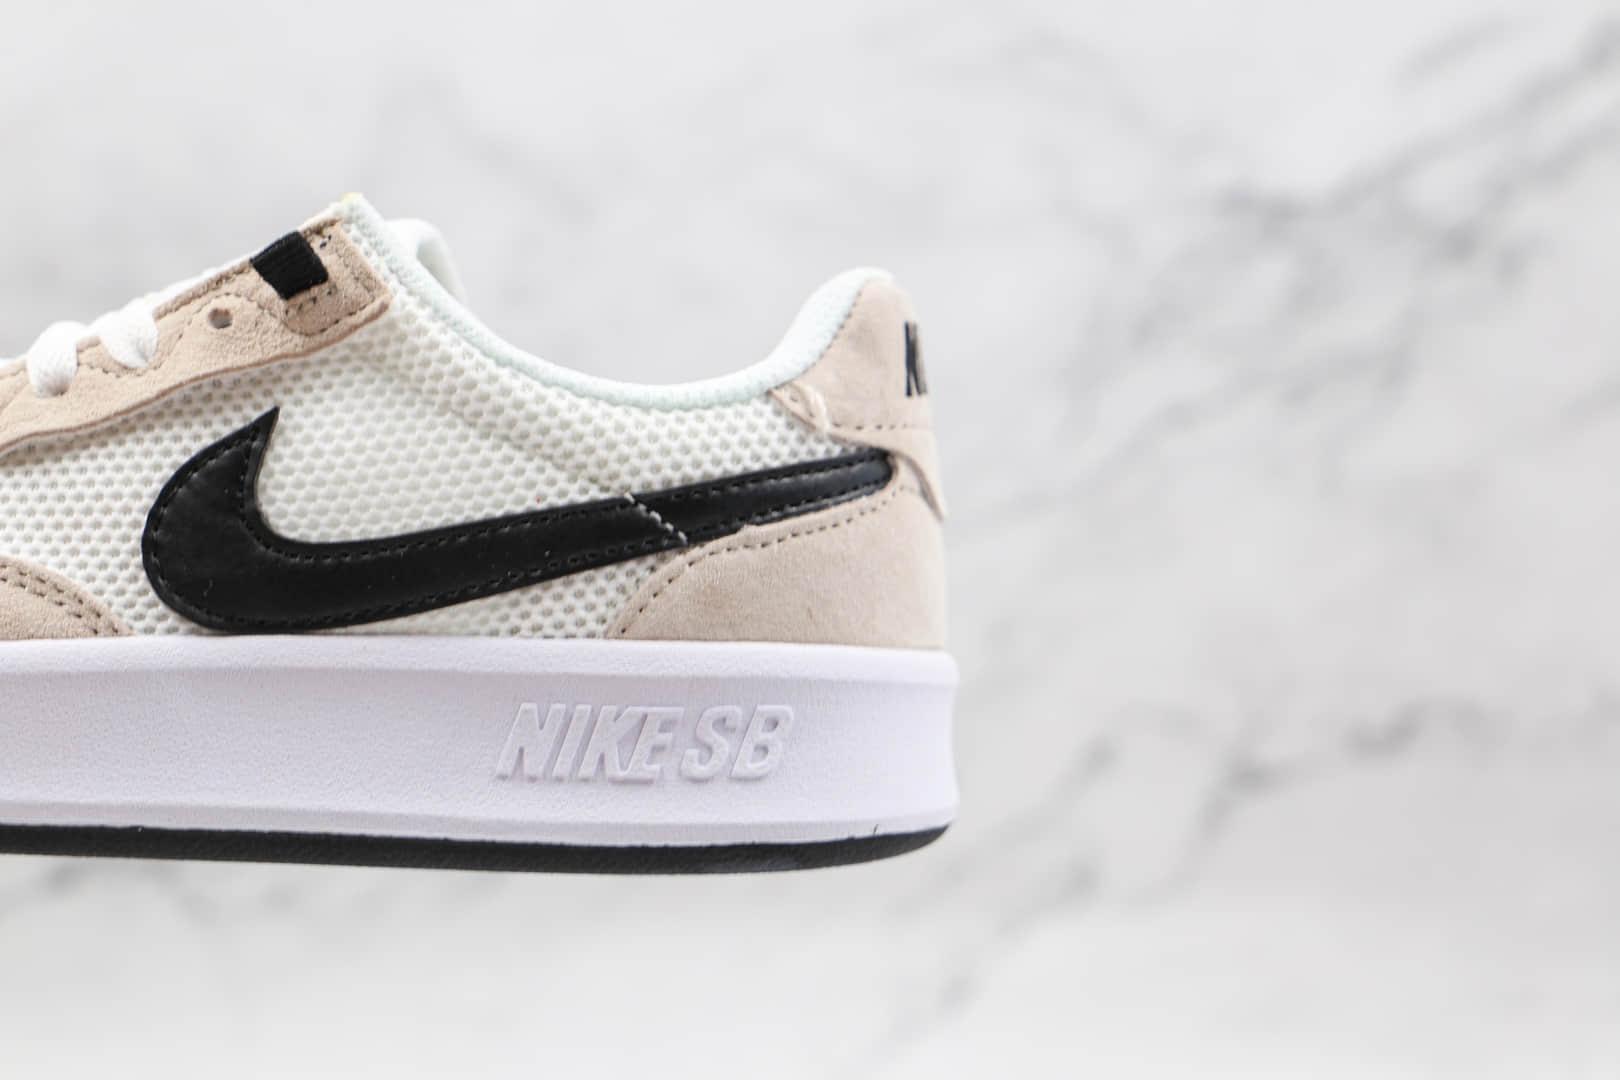 耐克Nike SB Adversary PRM纯原版本厚底低帮SB奶茶色黑钩板鞋原档案数据开发 货号:CJ0887-100